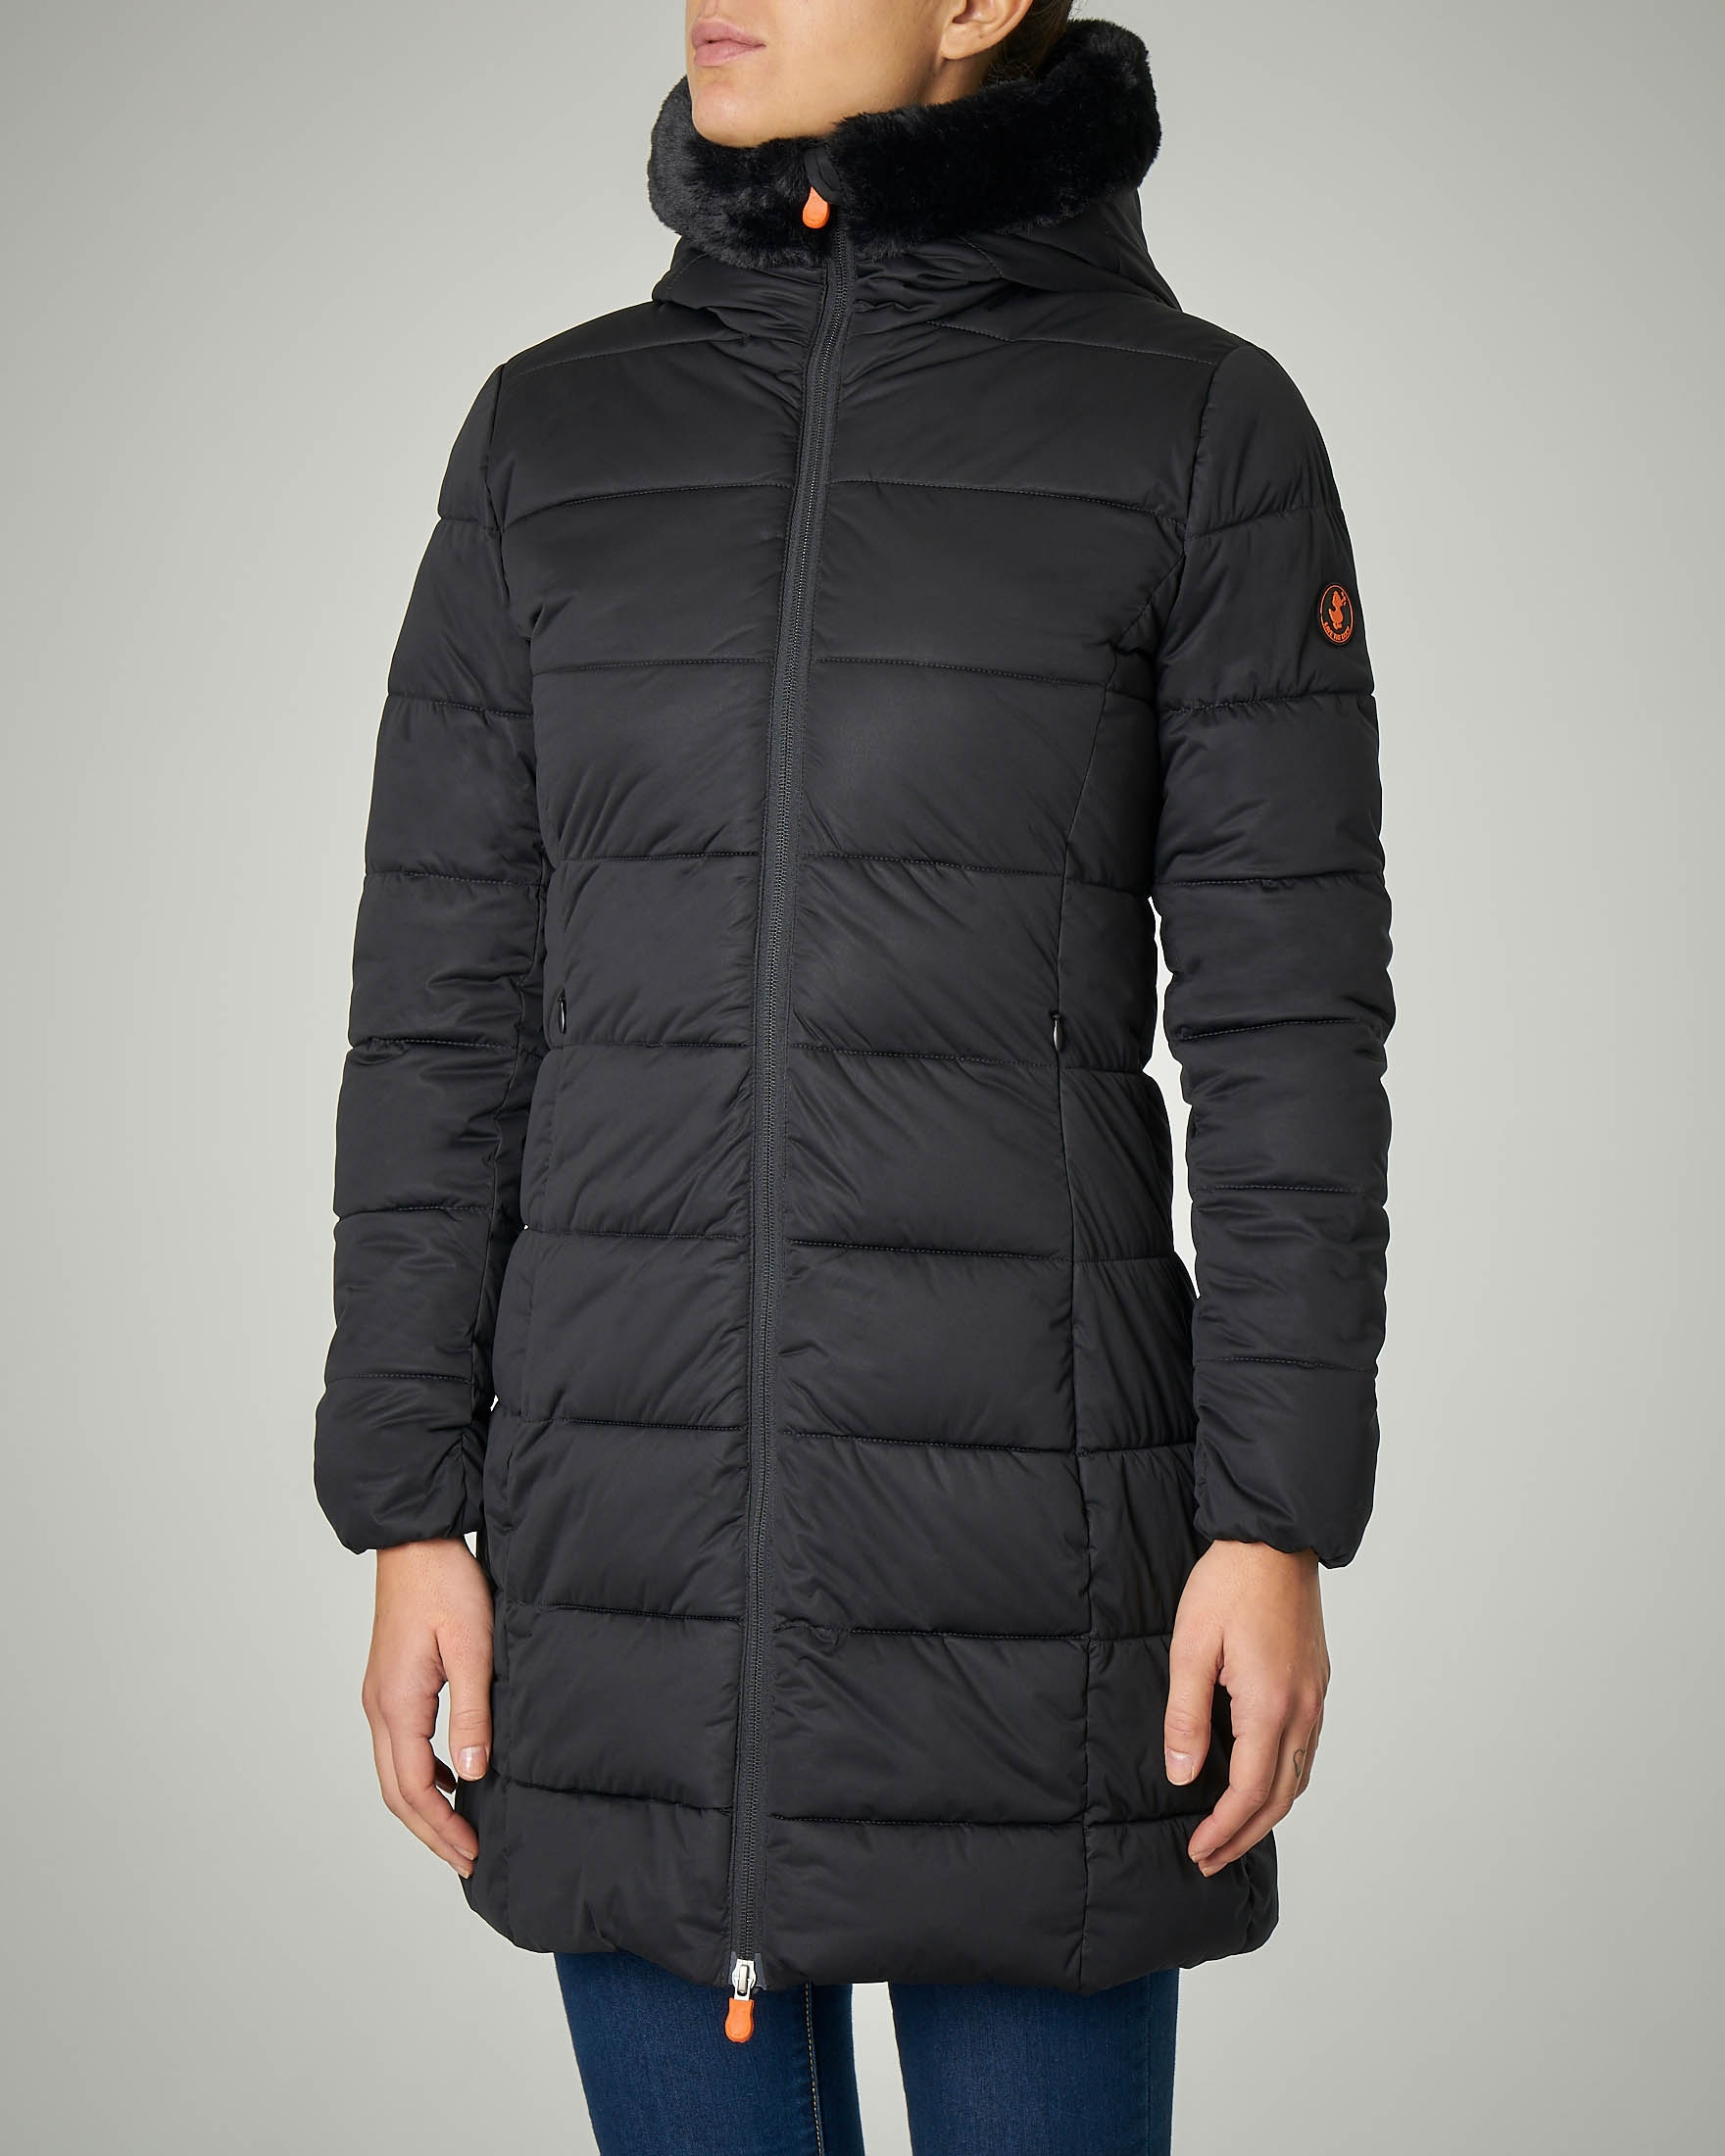 Piumino nero con cappuccio in eco pelliccia